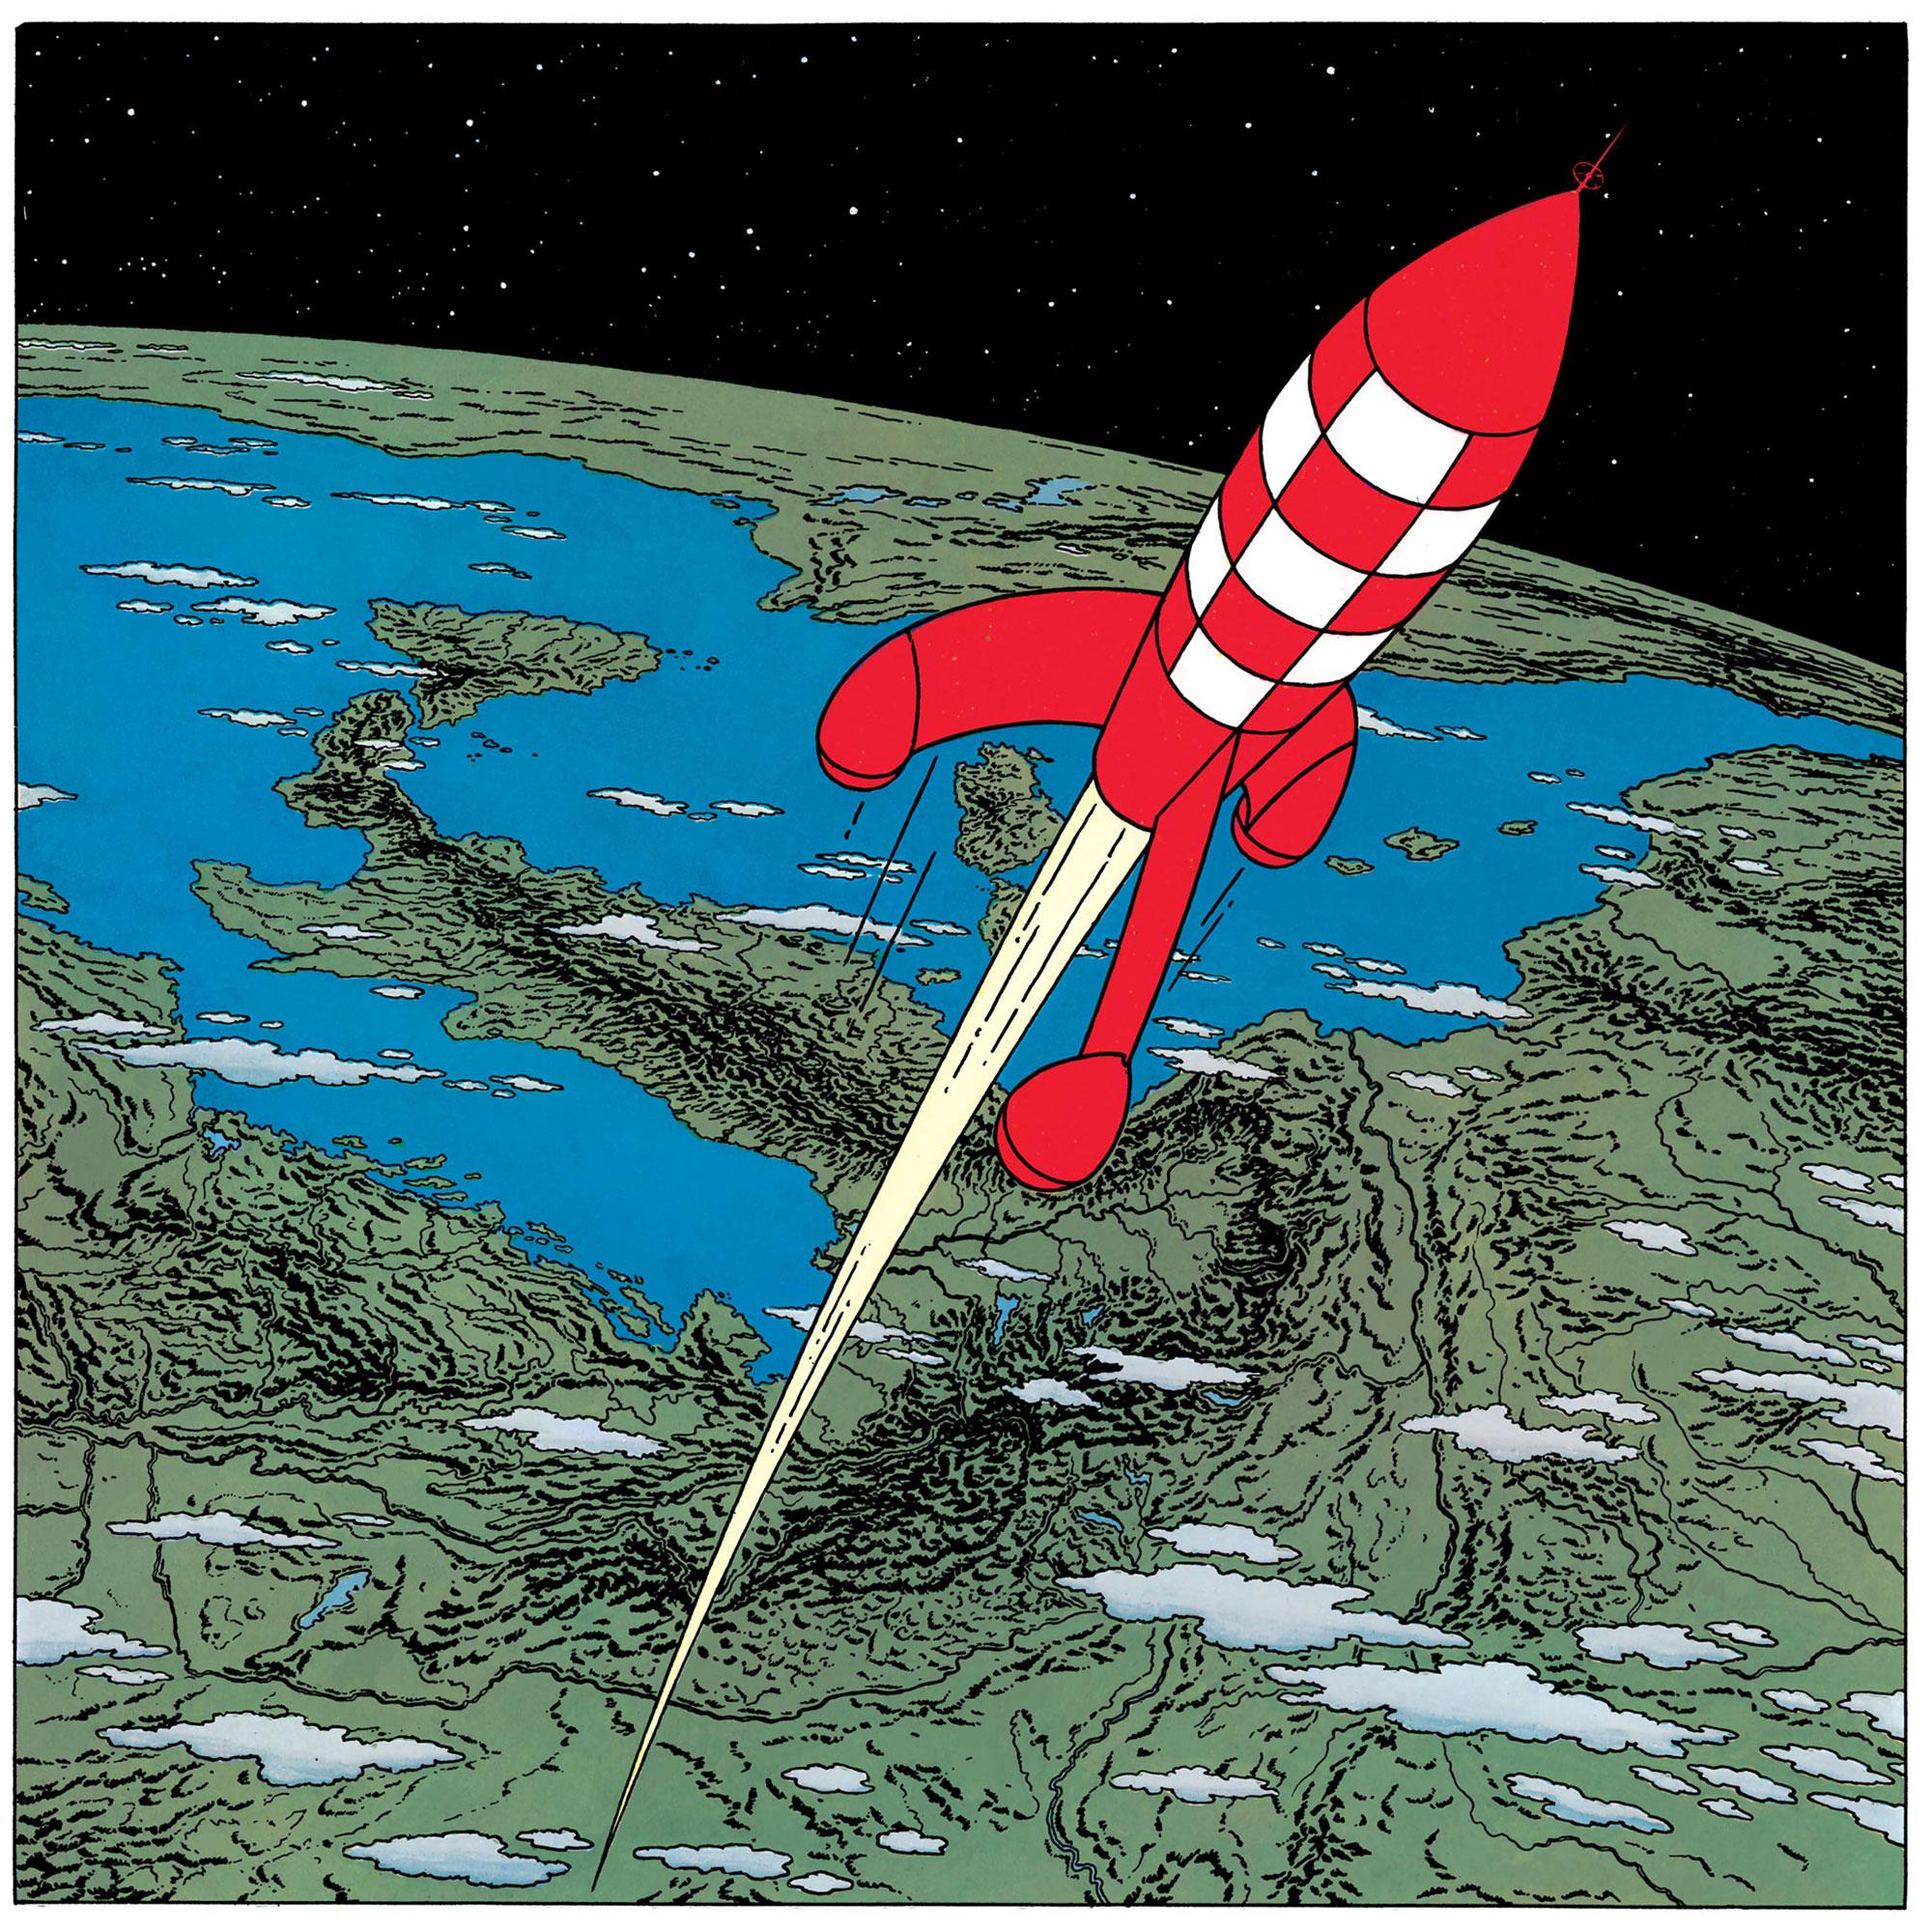 La fusée dans Objectif Lune